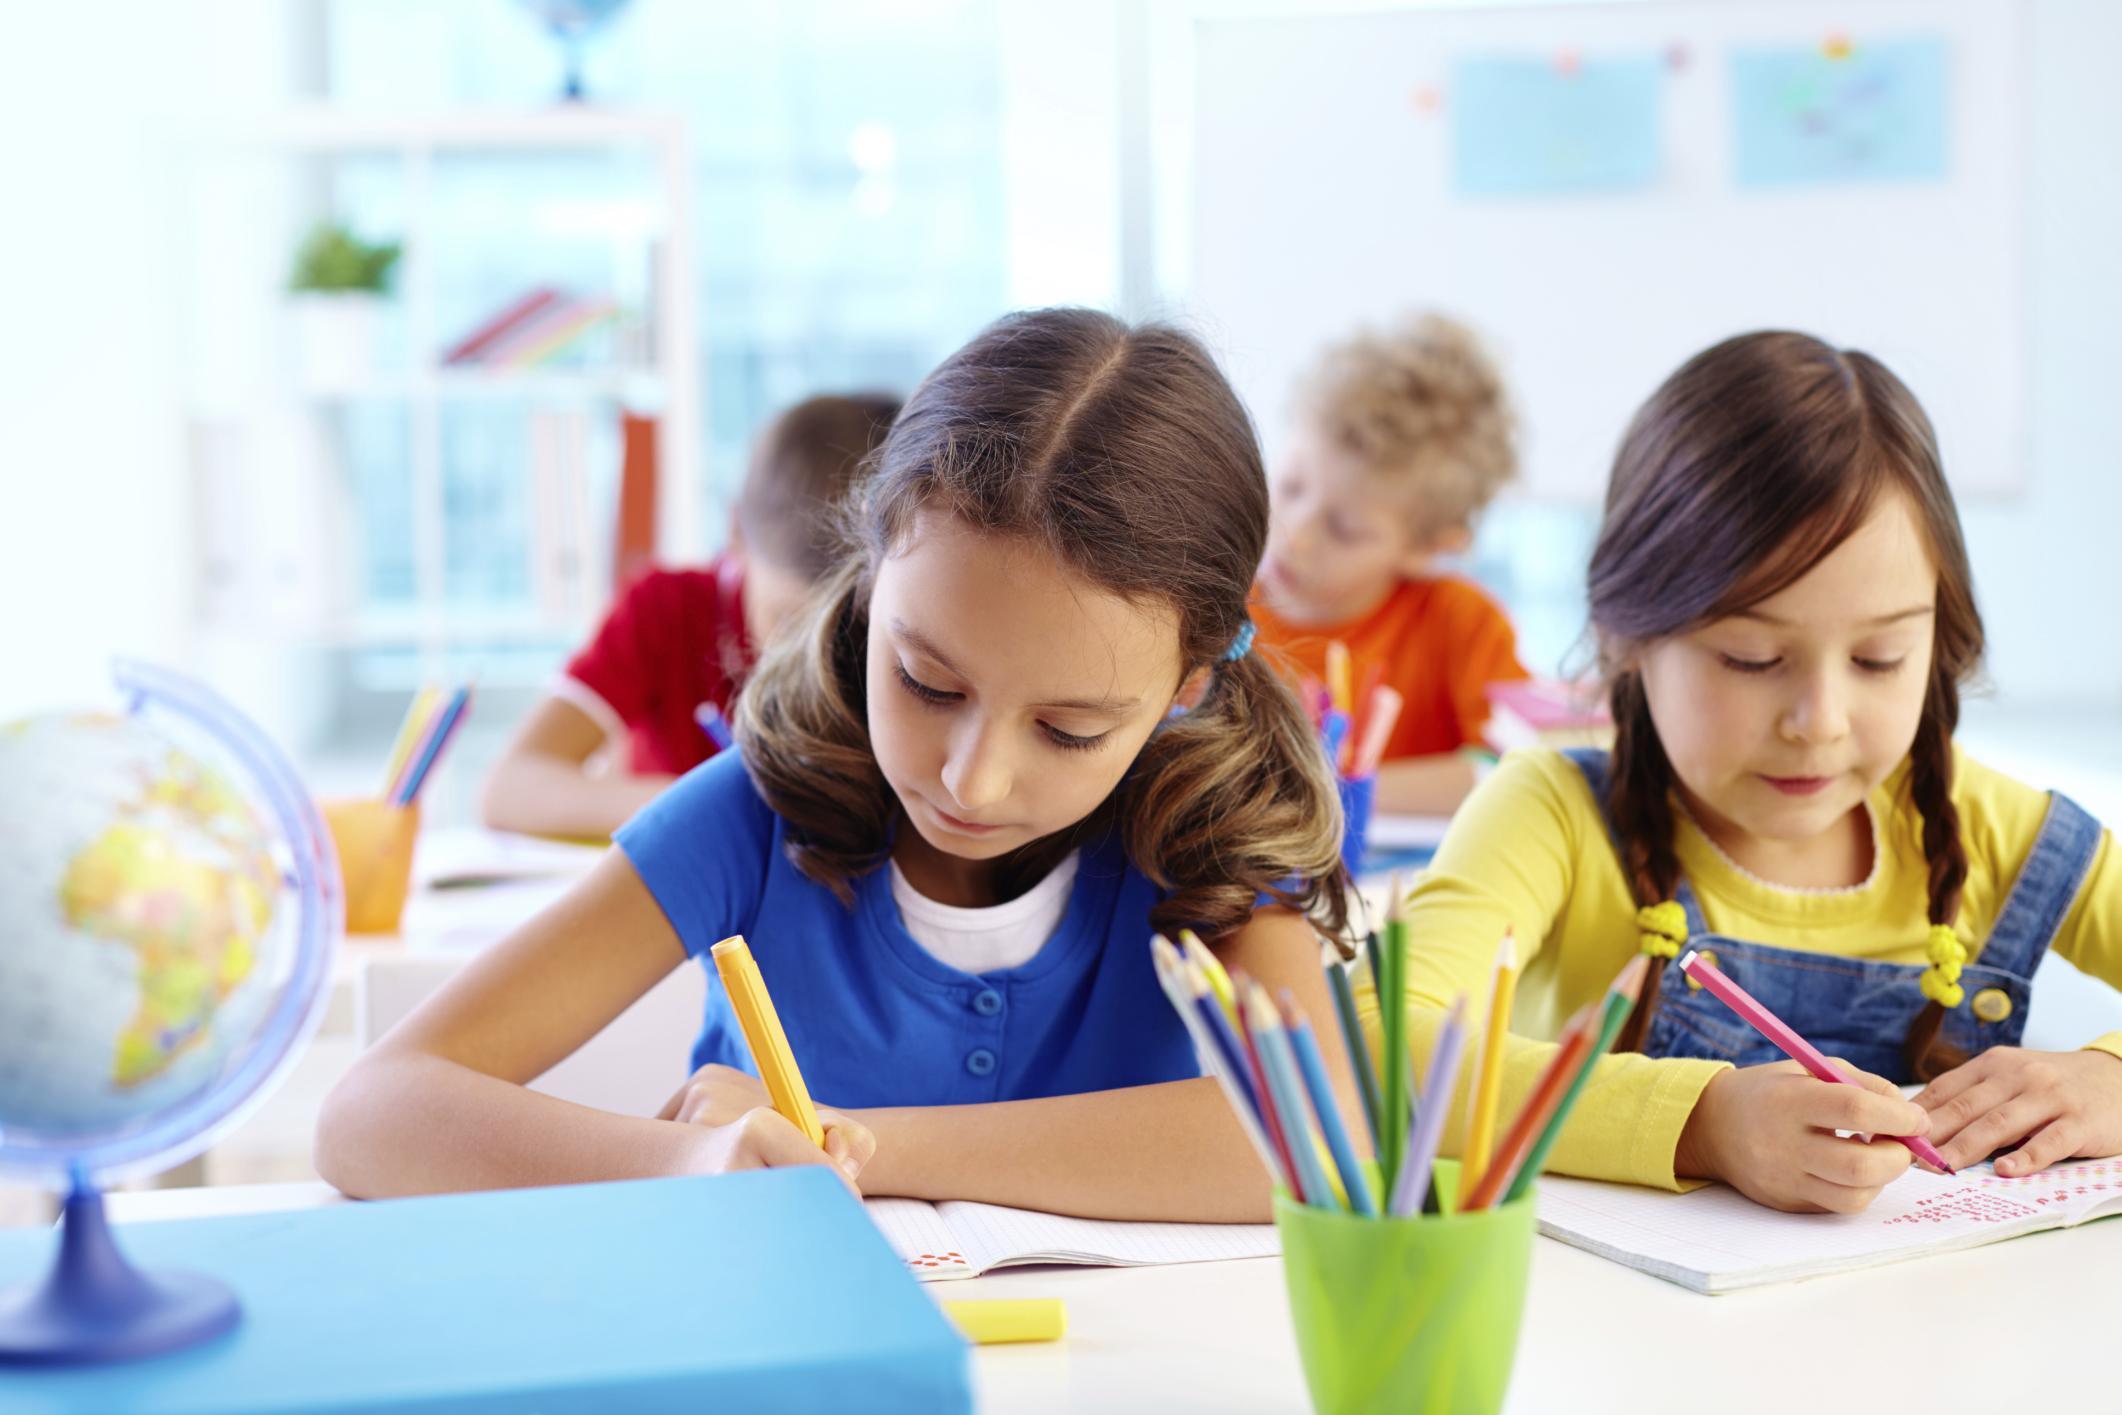 Top Public, Private, and Catholic Schools in the Klienburg Region